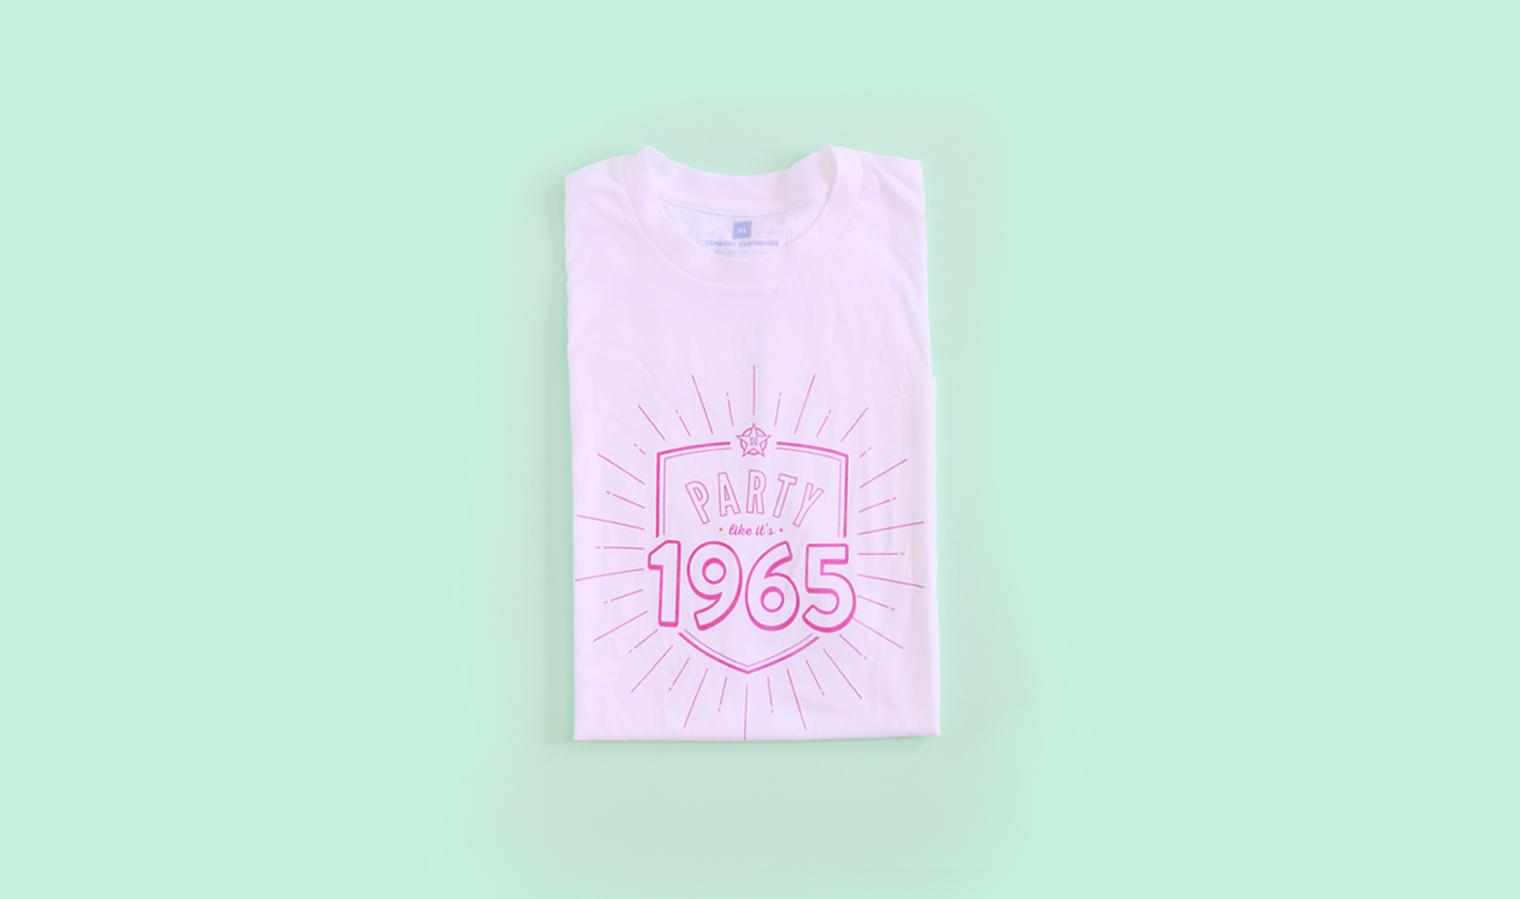 temasek-clothings